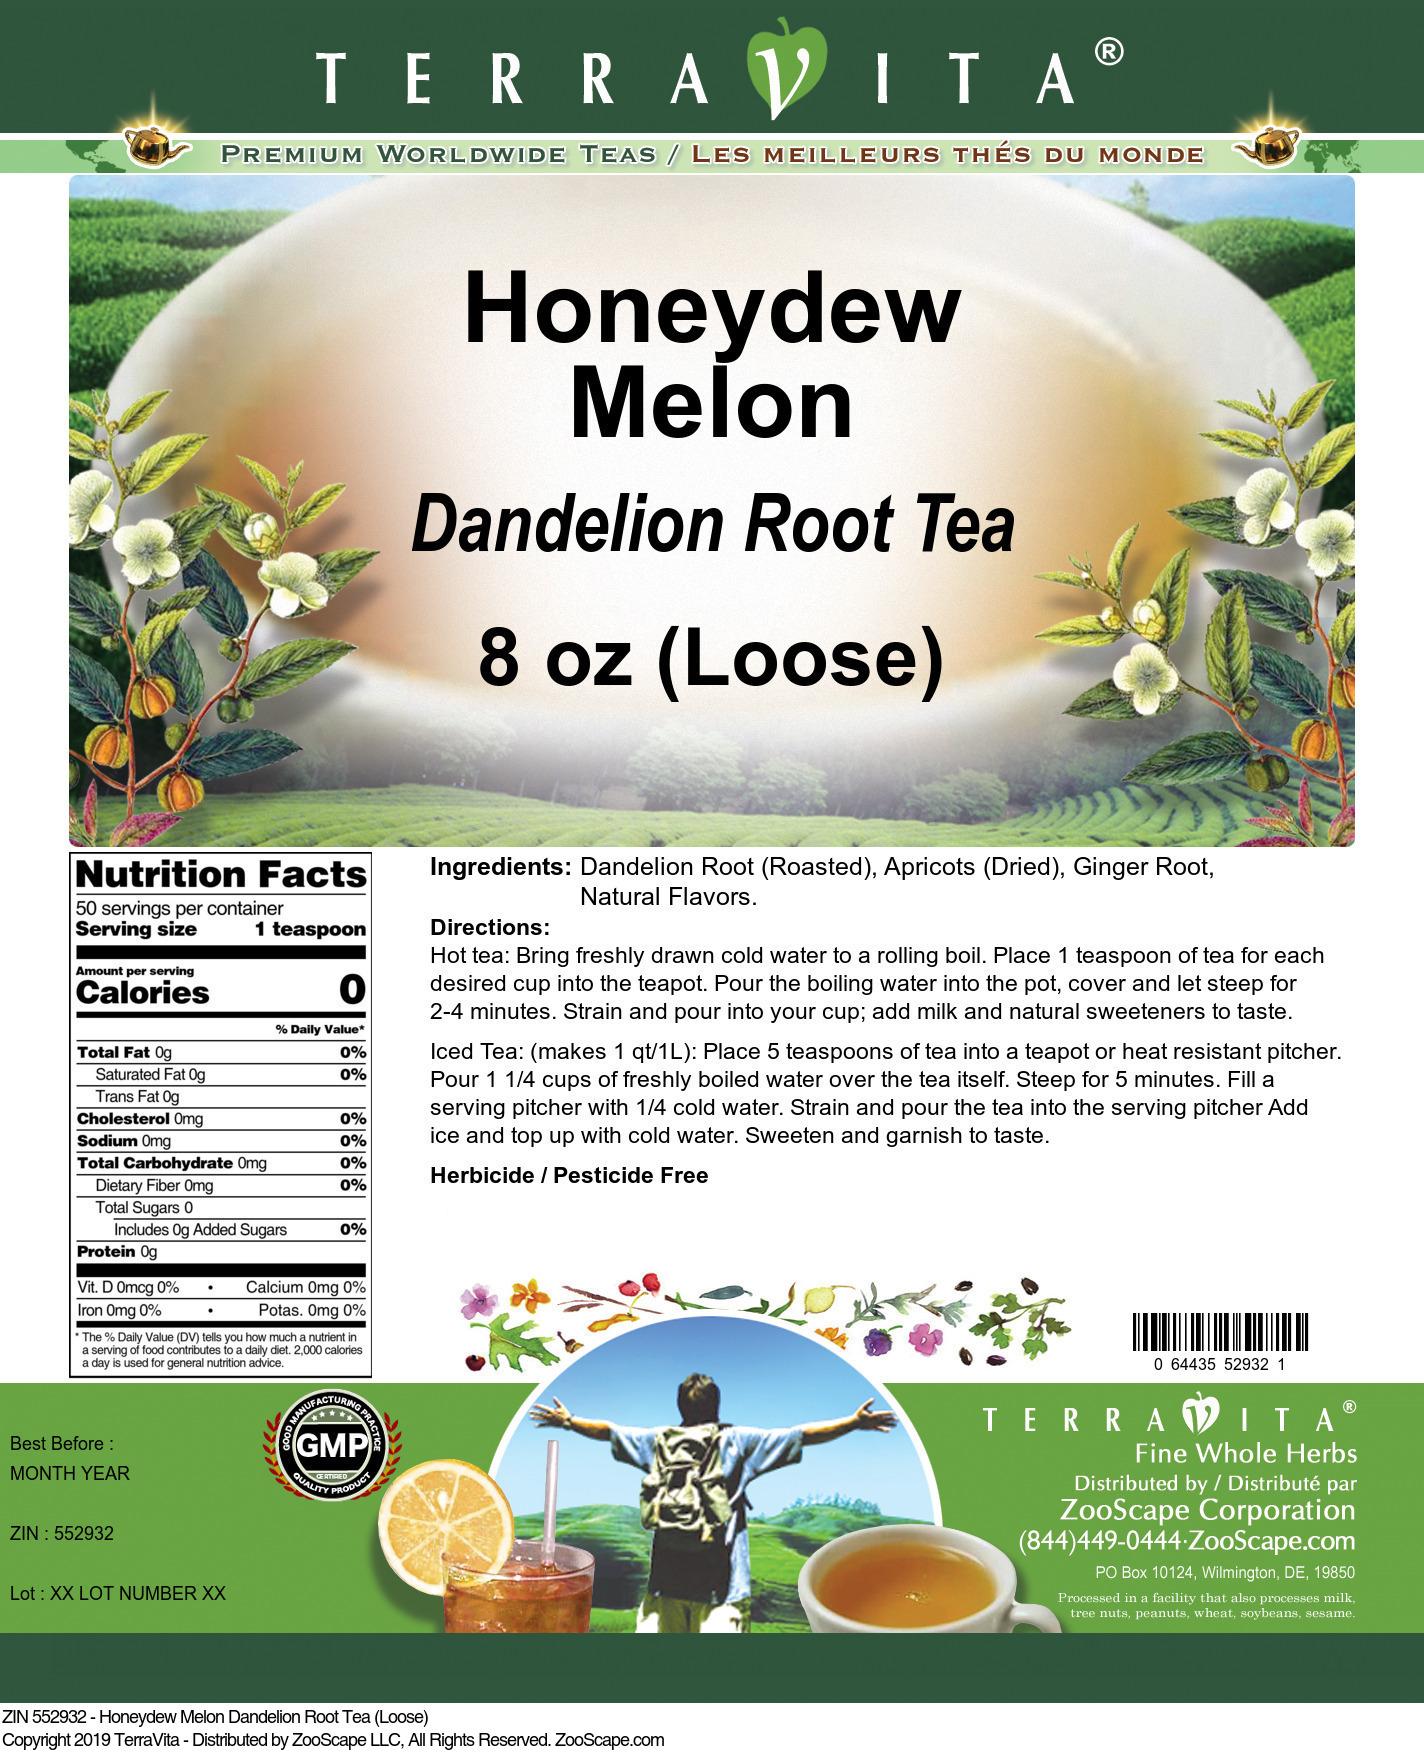 Honeydew Melon Dandelion Root Tea (Loose)